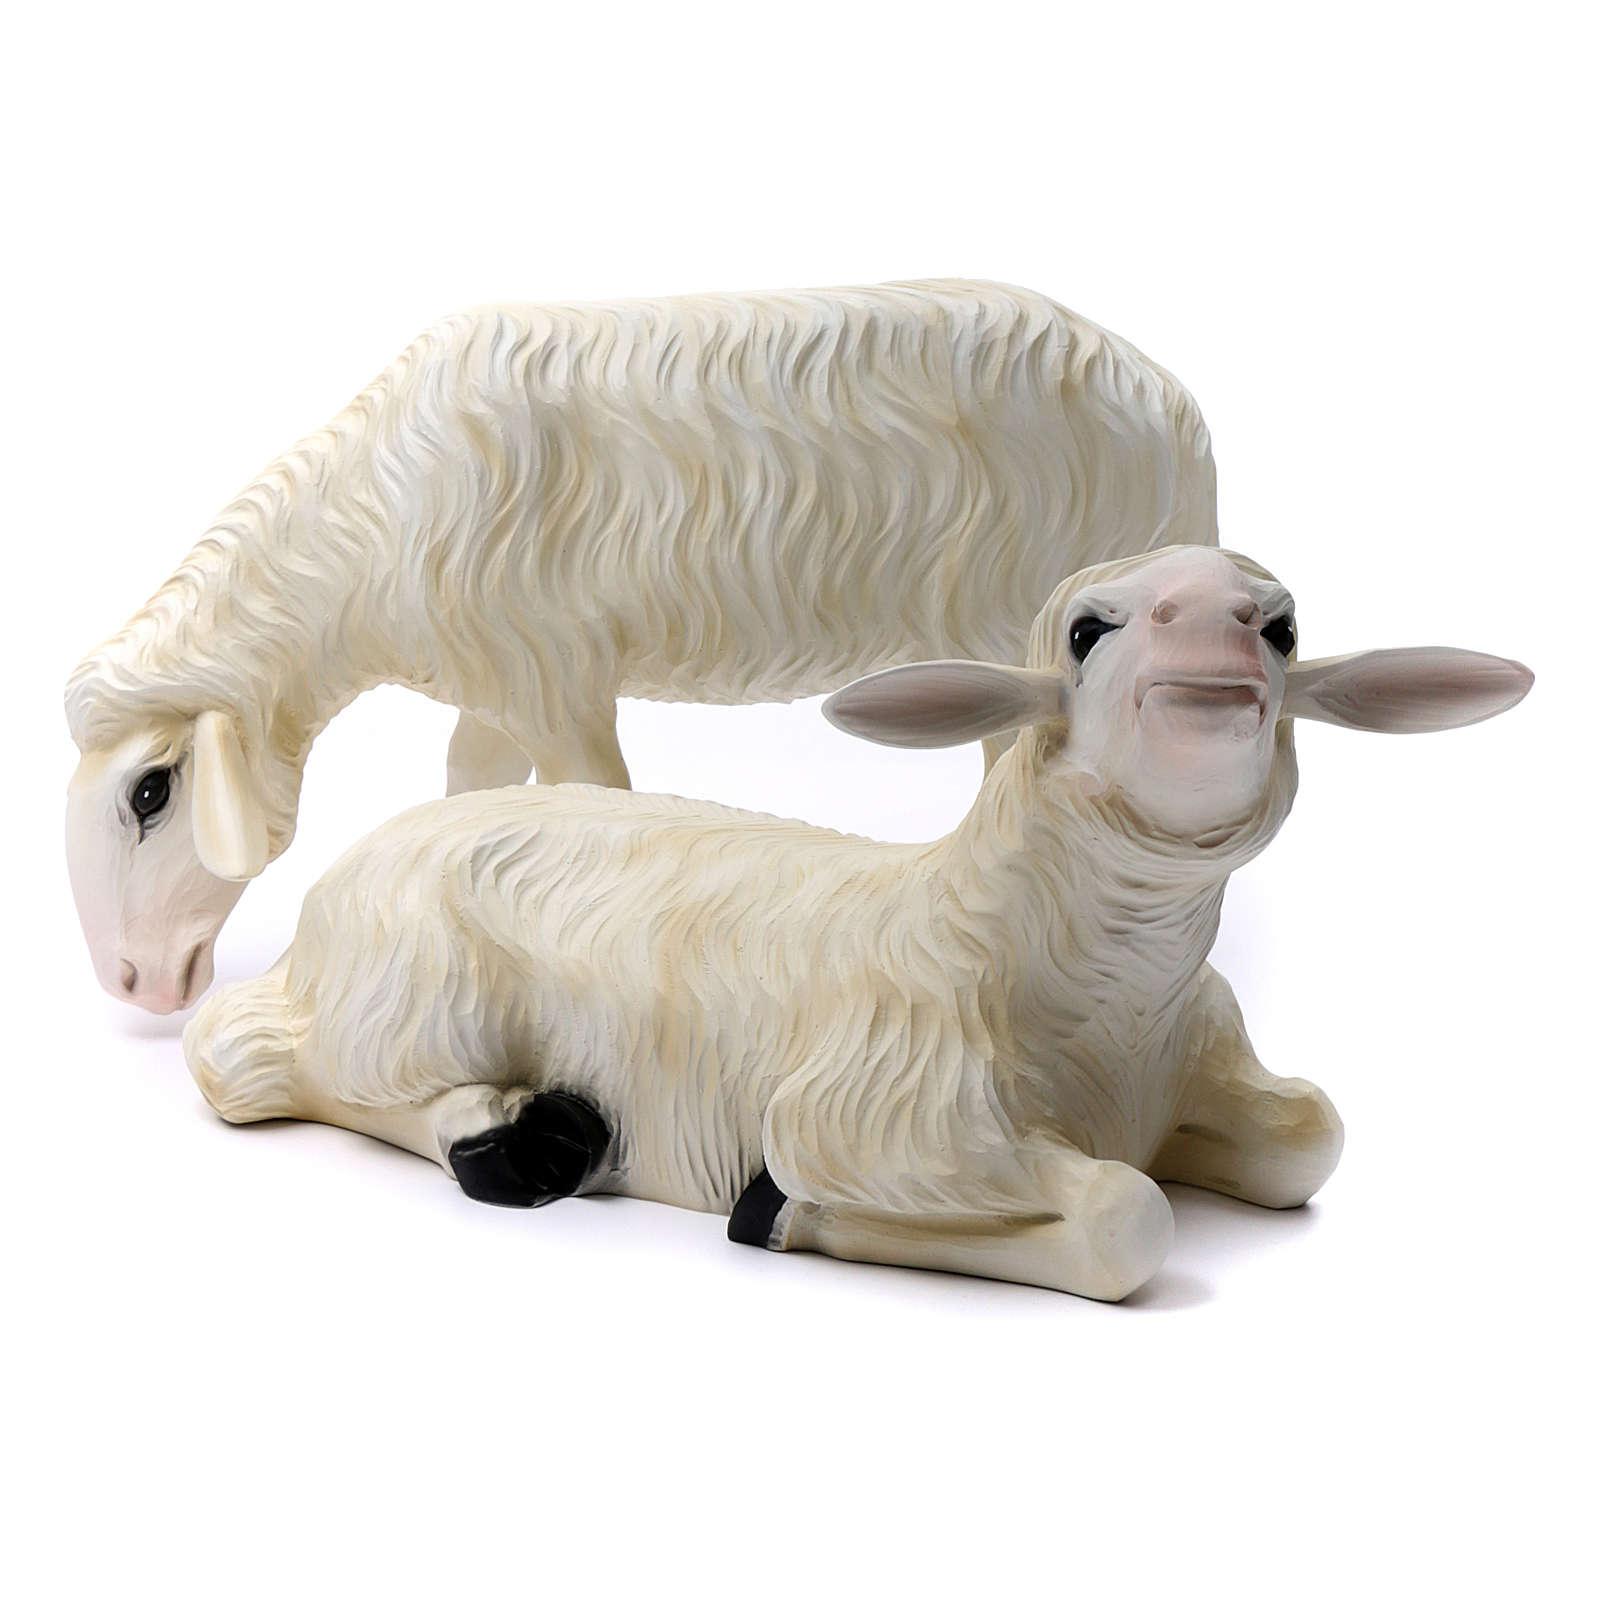 Nativity scene statues 2 sheep 80 cm in painted fiberglass 4